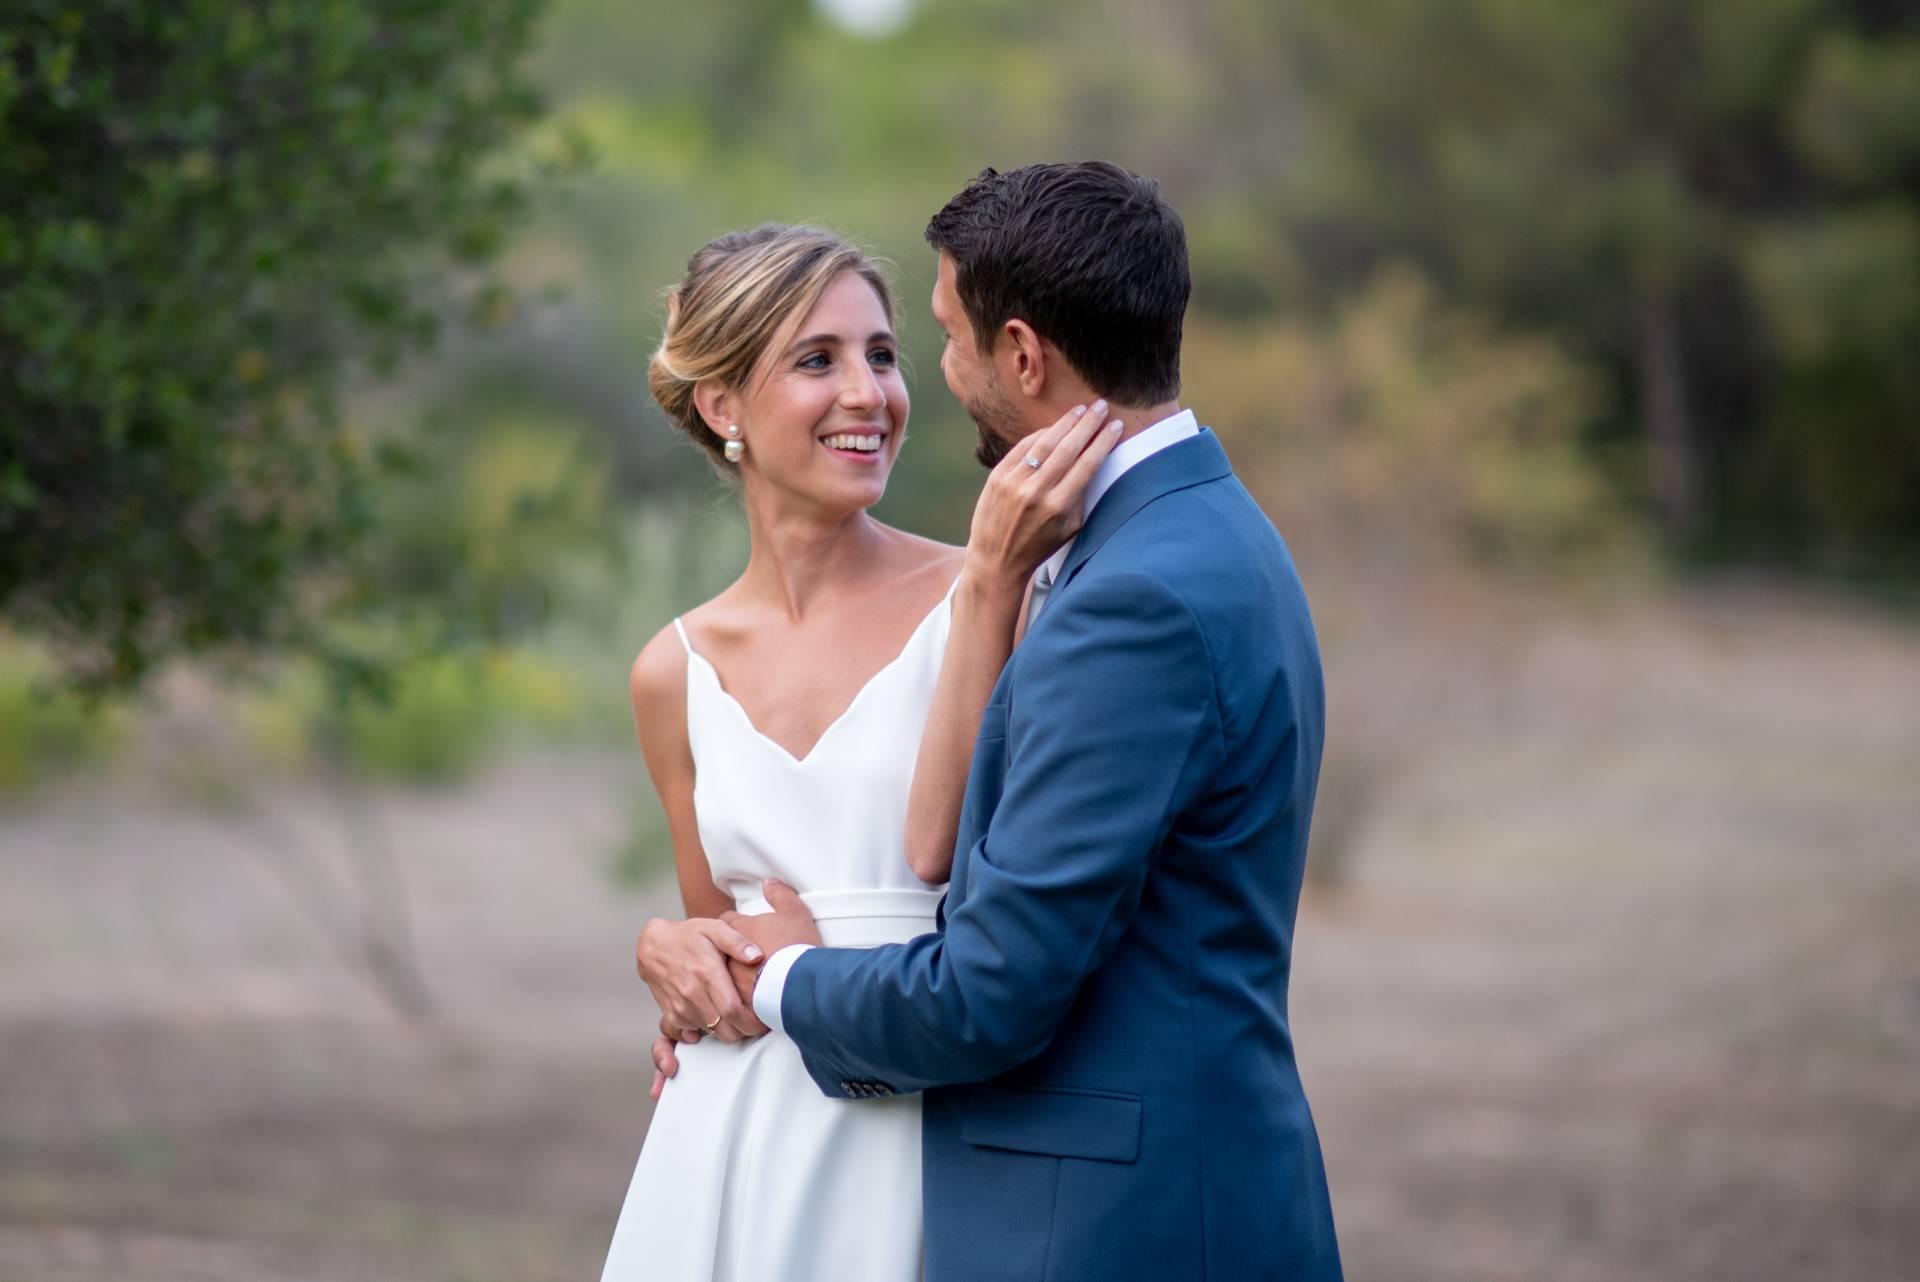 2 mariés qui se regardent affectueusement, photo prise par photographe professionnel de mariage